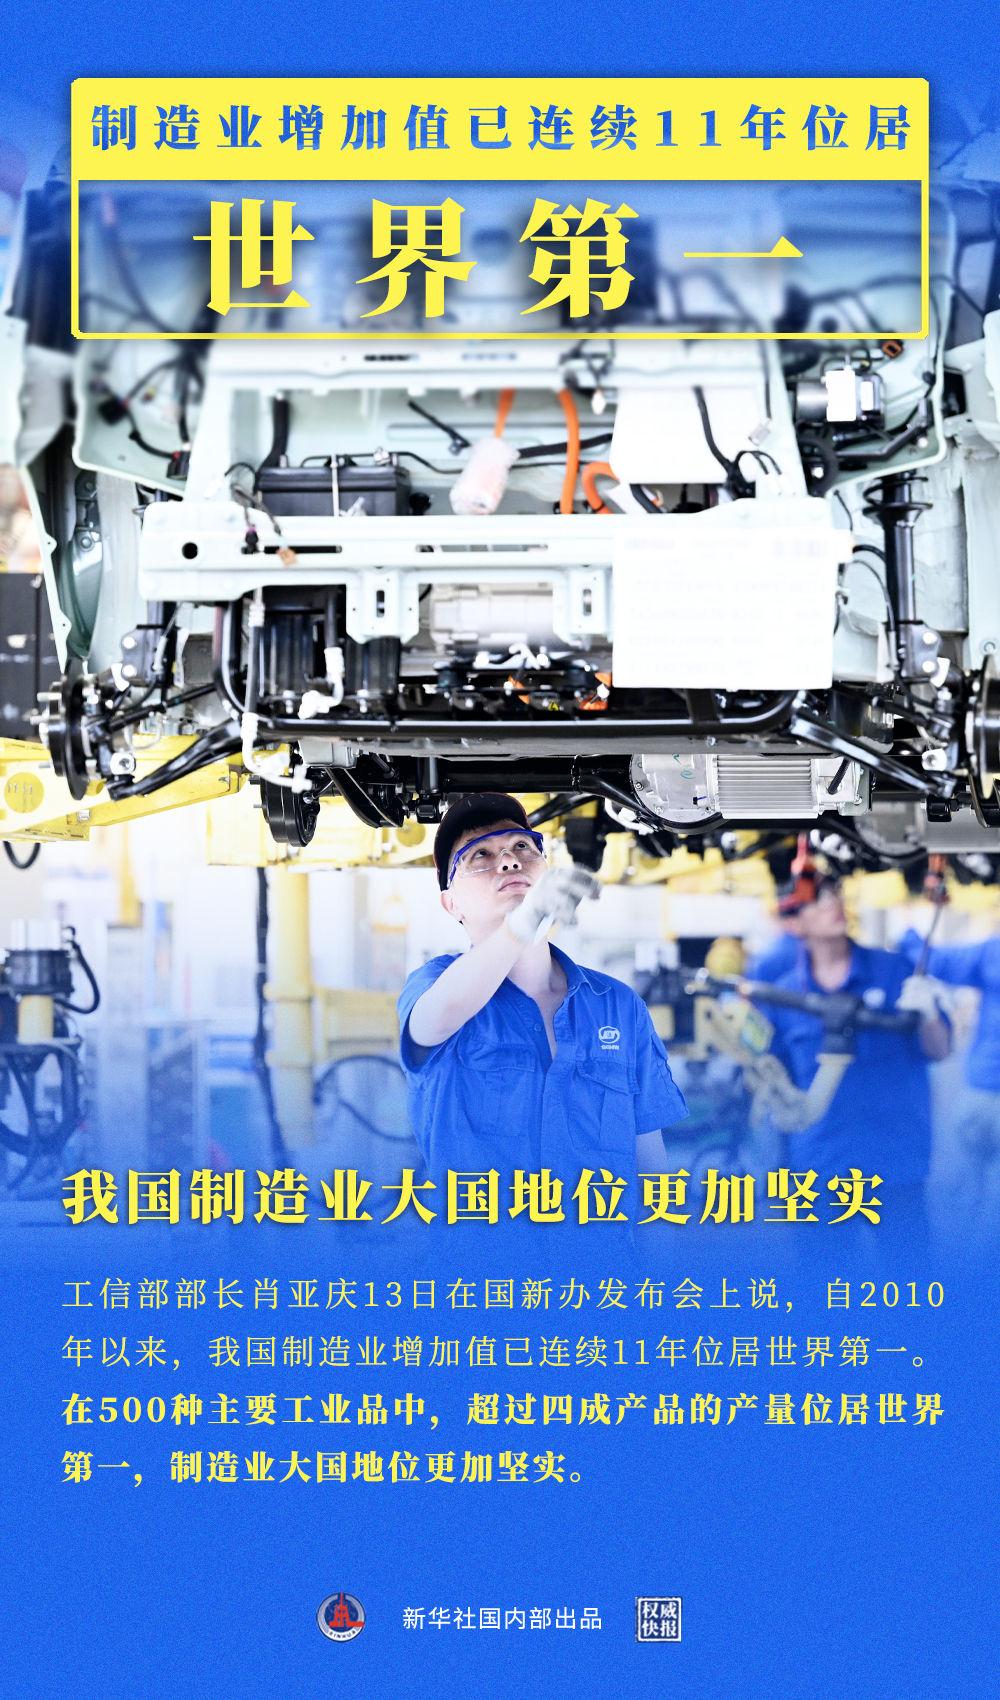 《权威快报|我国制造业增加值连续11年位居世界第一》